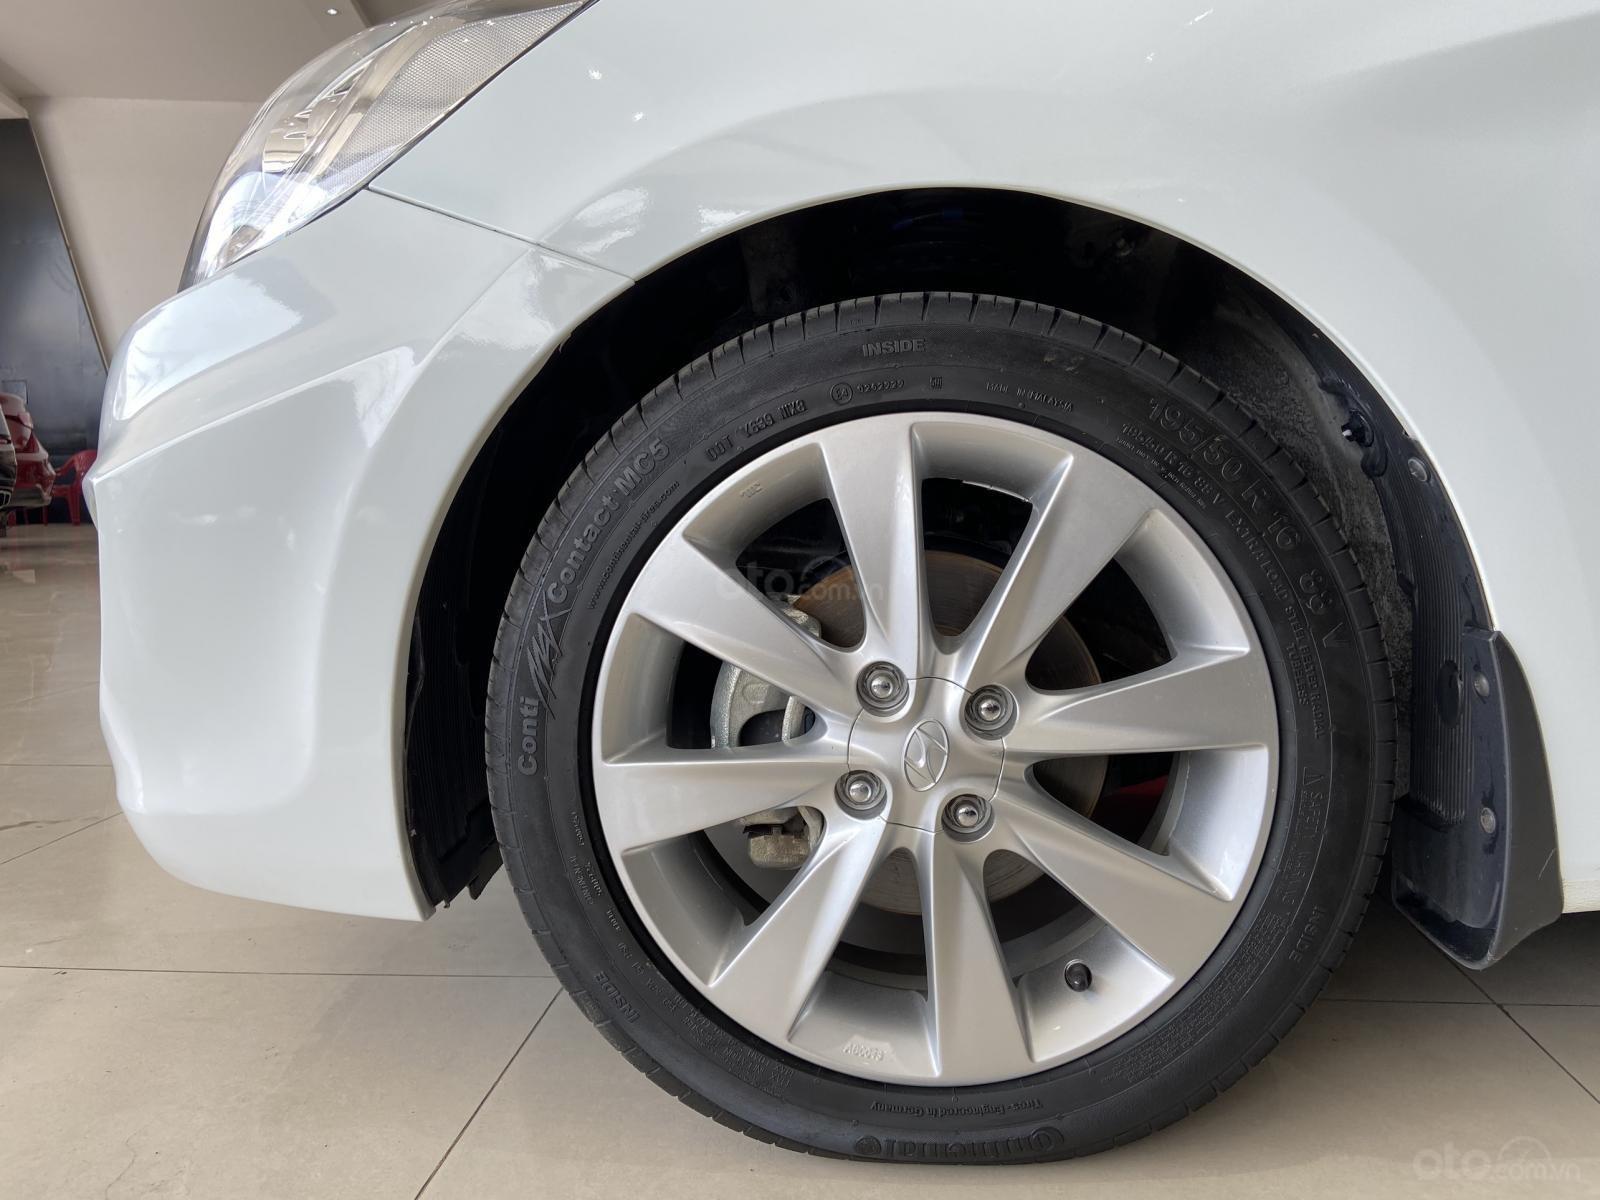 Bán xe Hyundai Accent màu trắng, xe gia đình nên đẹp như mới (14)